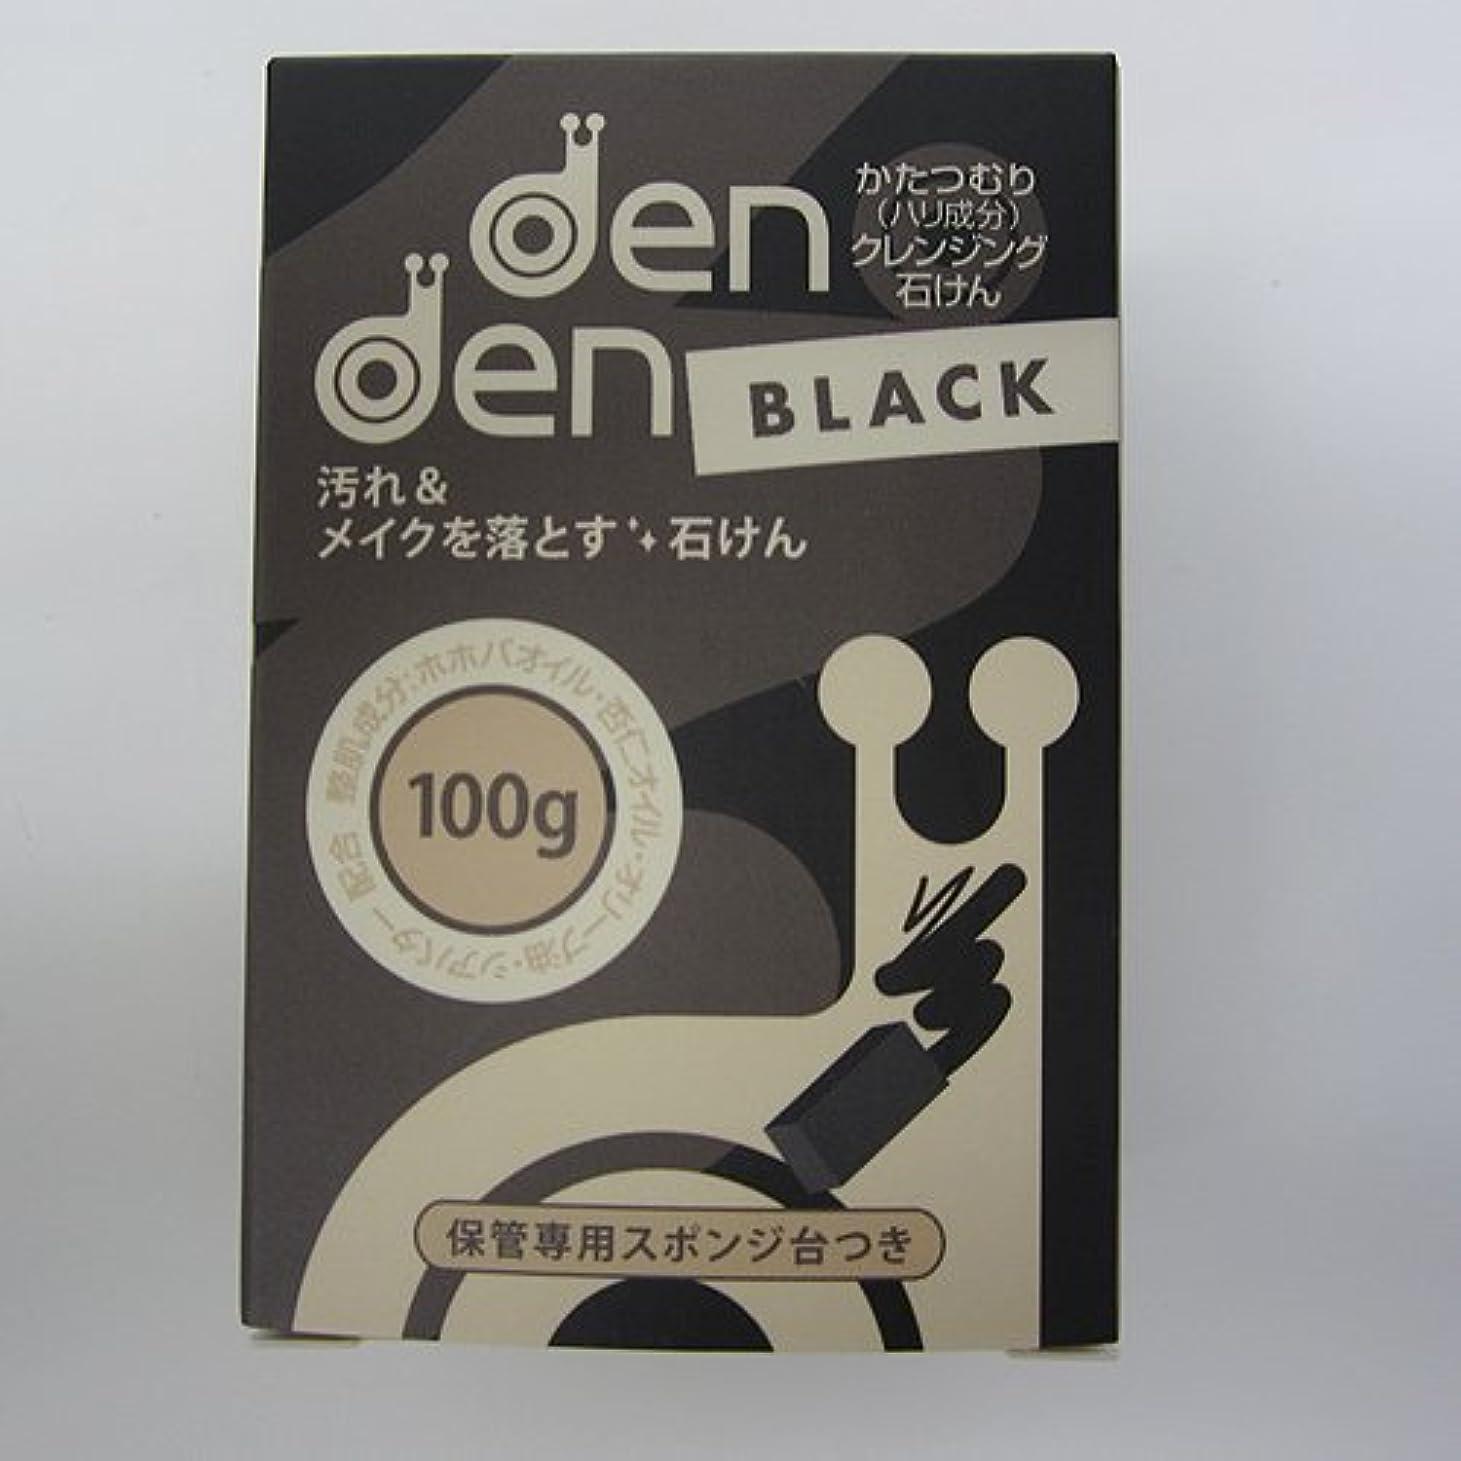 開拓者チョコレート期限切れDenDen かたつむりクレンジング石けん デンデンブラック